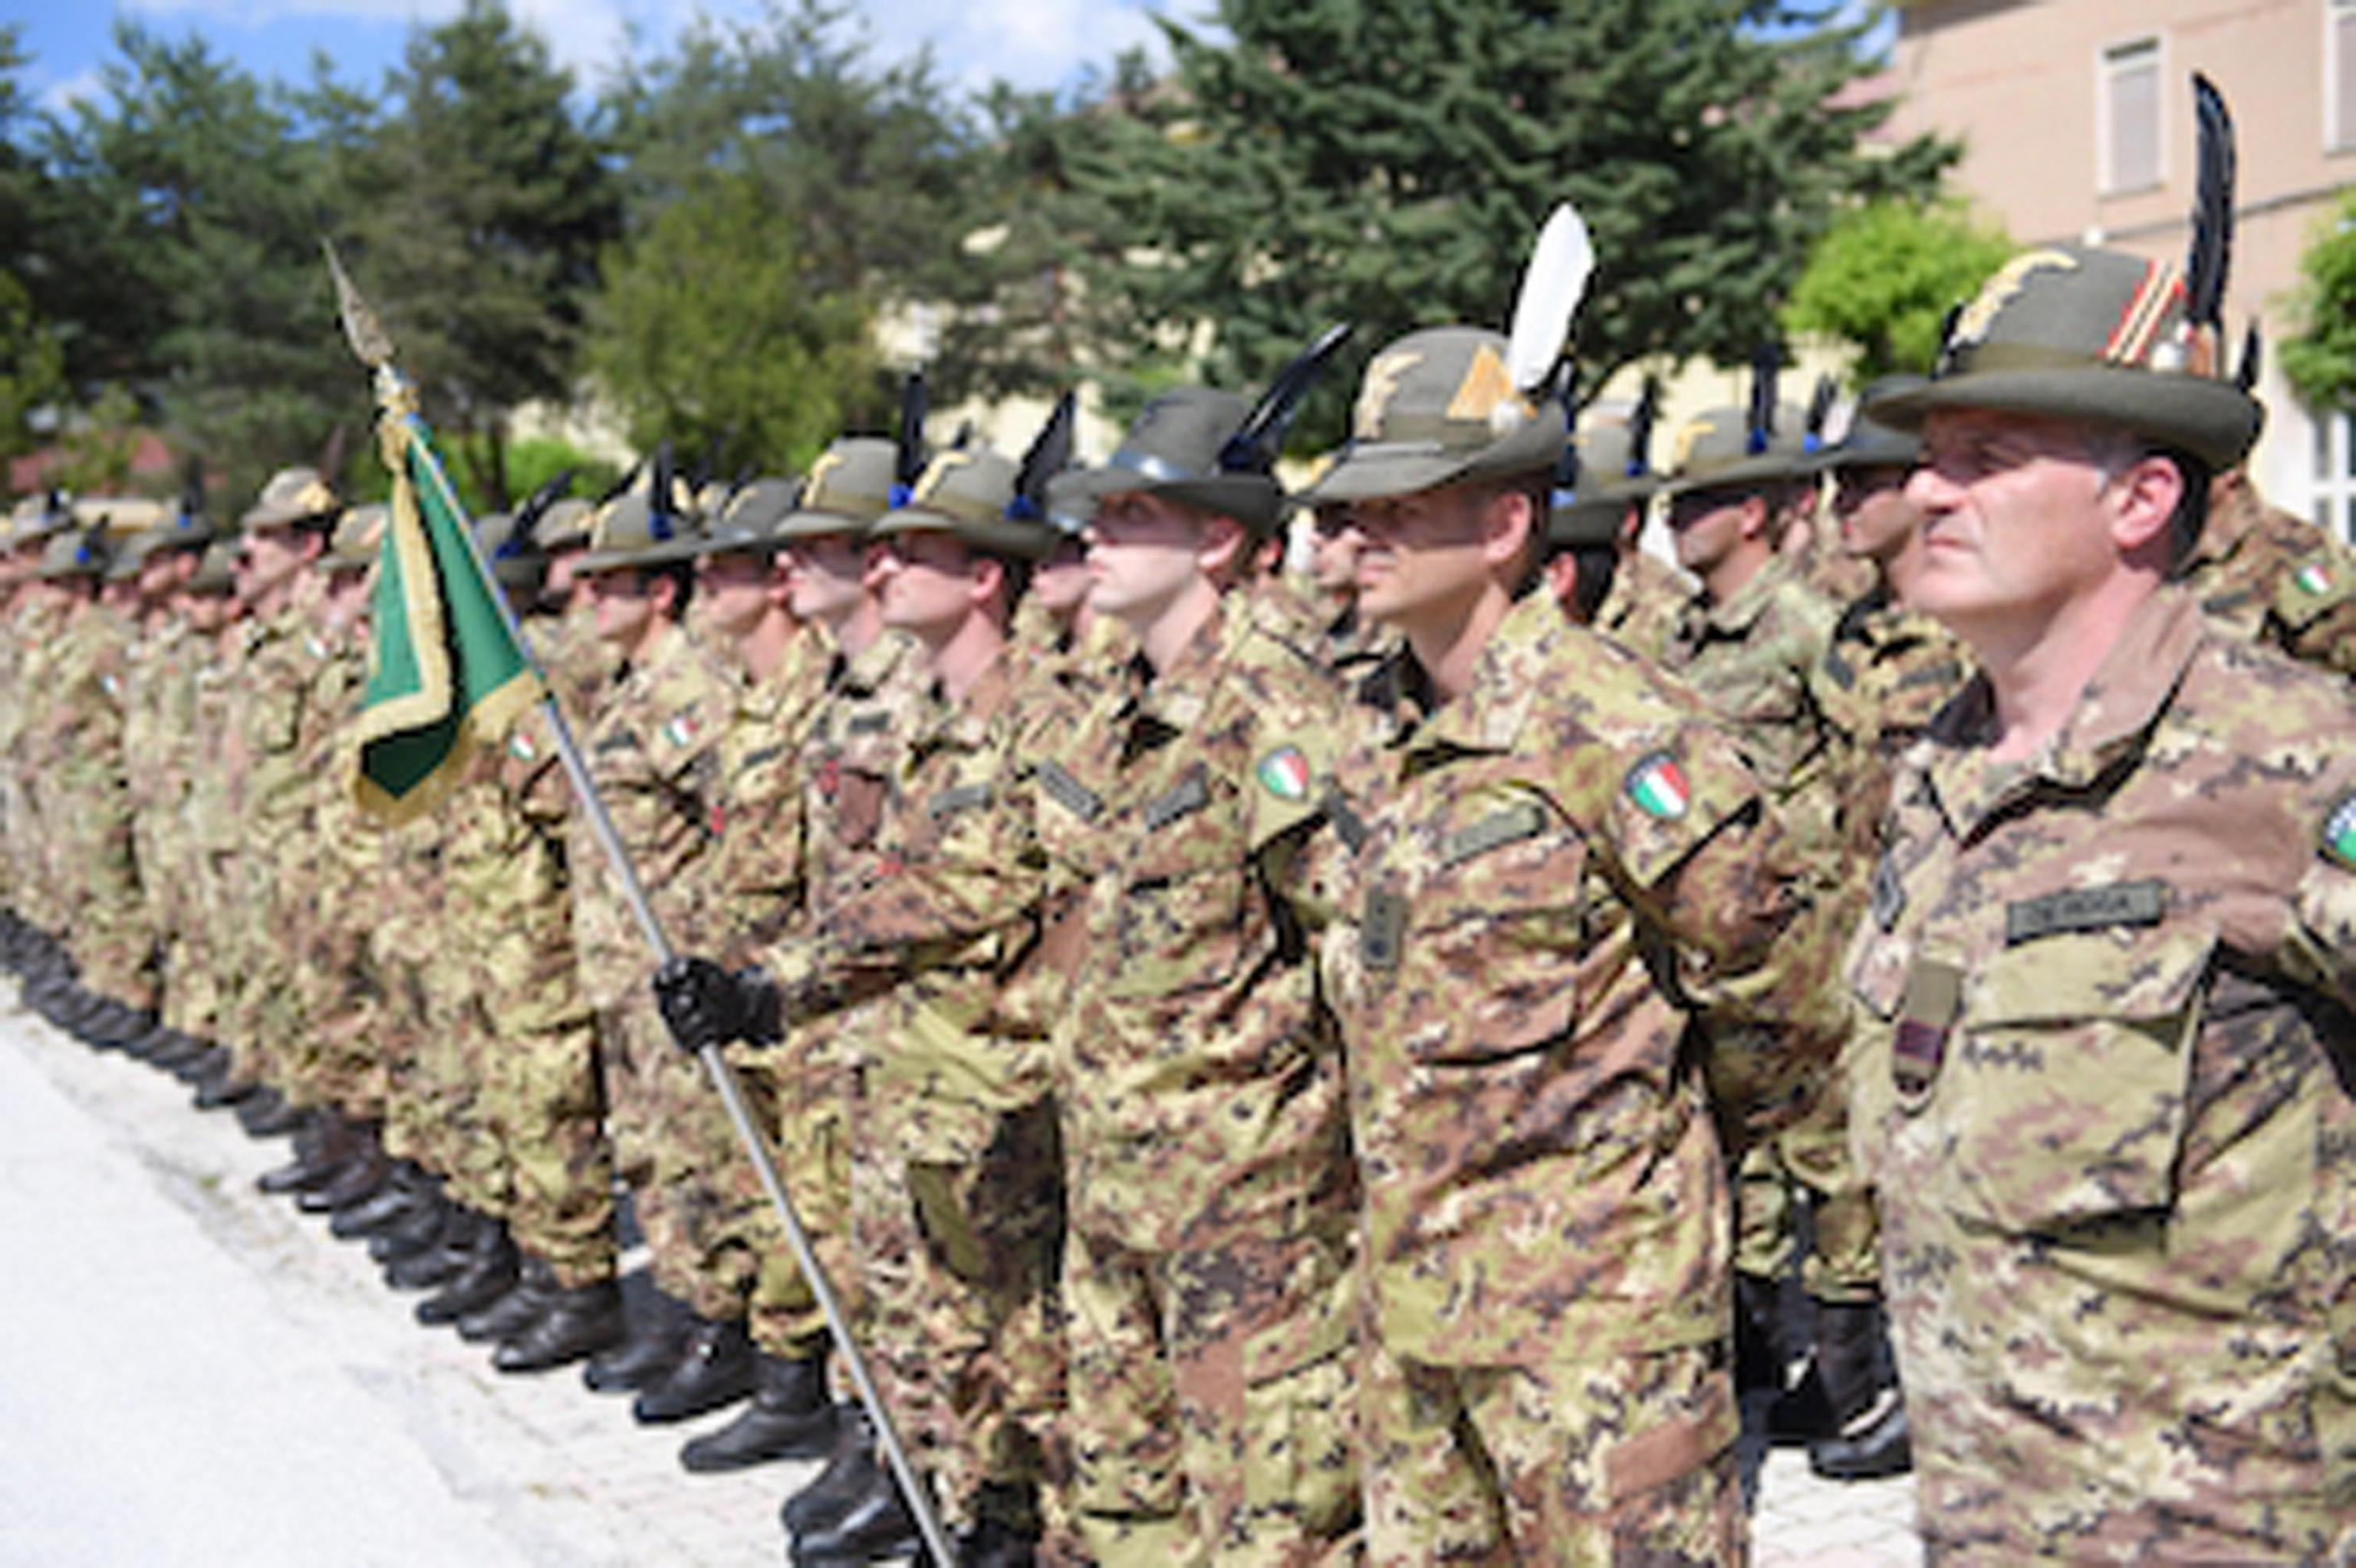 Leva militare volontaria di 6 mesi in cambio di crediti formativi universitari: la proposta di Forza Italia